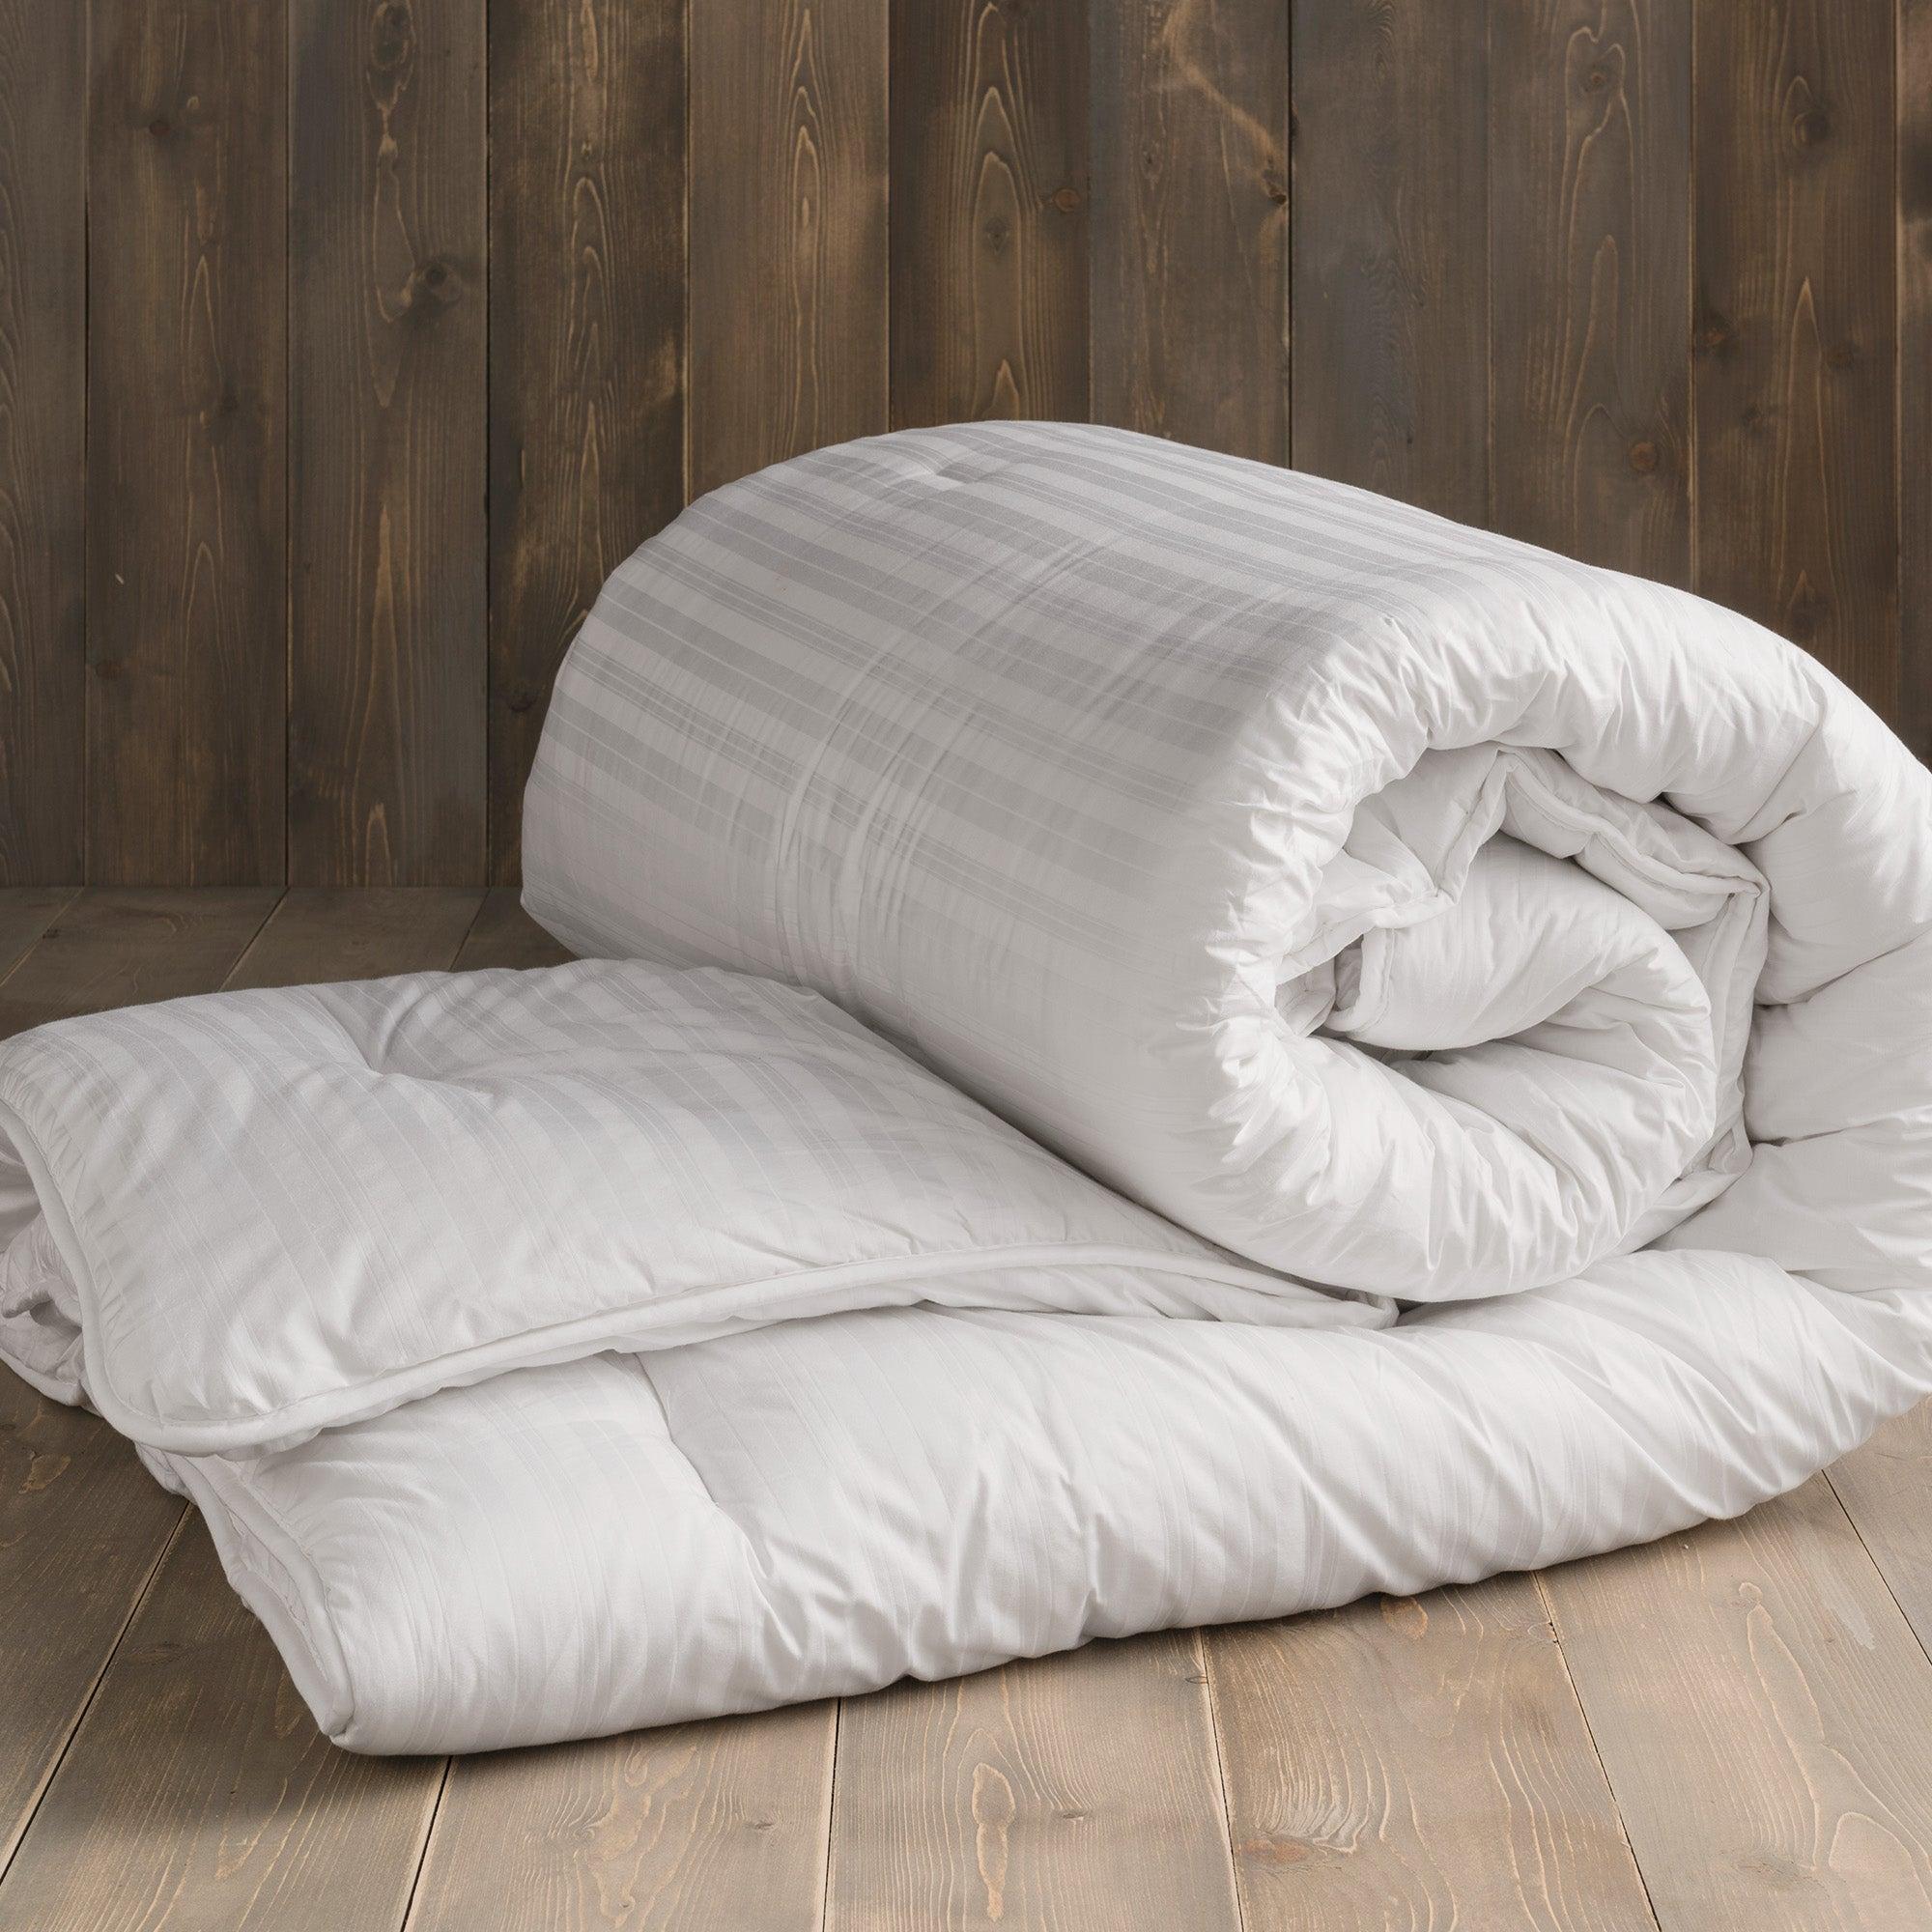 Dorma Supreme Fill 13.5 Tog Duvet